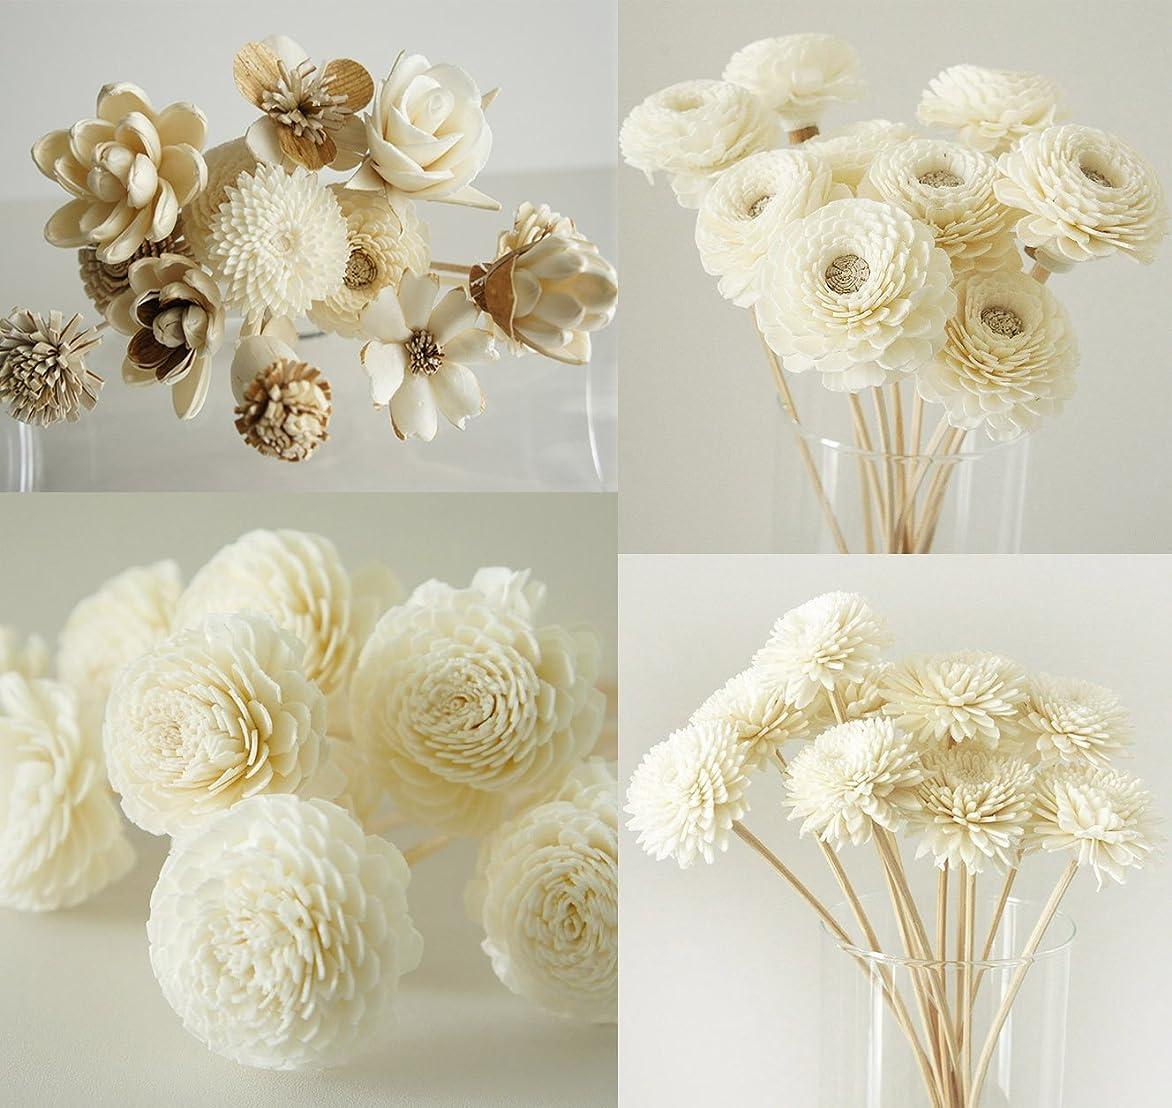 ボード簿記係せがむエキゾチックPlawanature Mix 4のセット42人気Sola Wood Flower with Reed Diffuser for Home Fragranceアロマオイル。